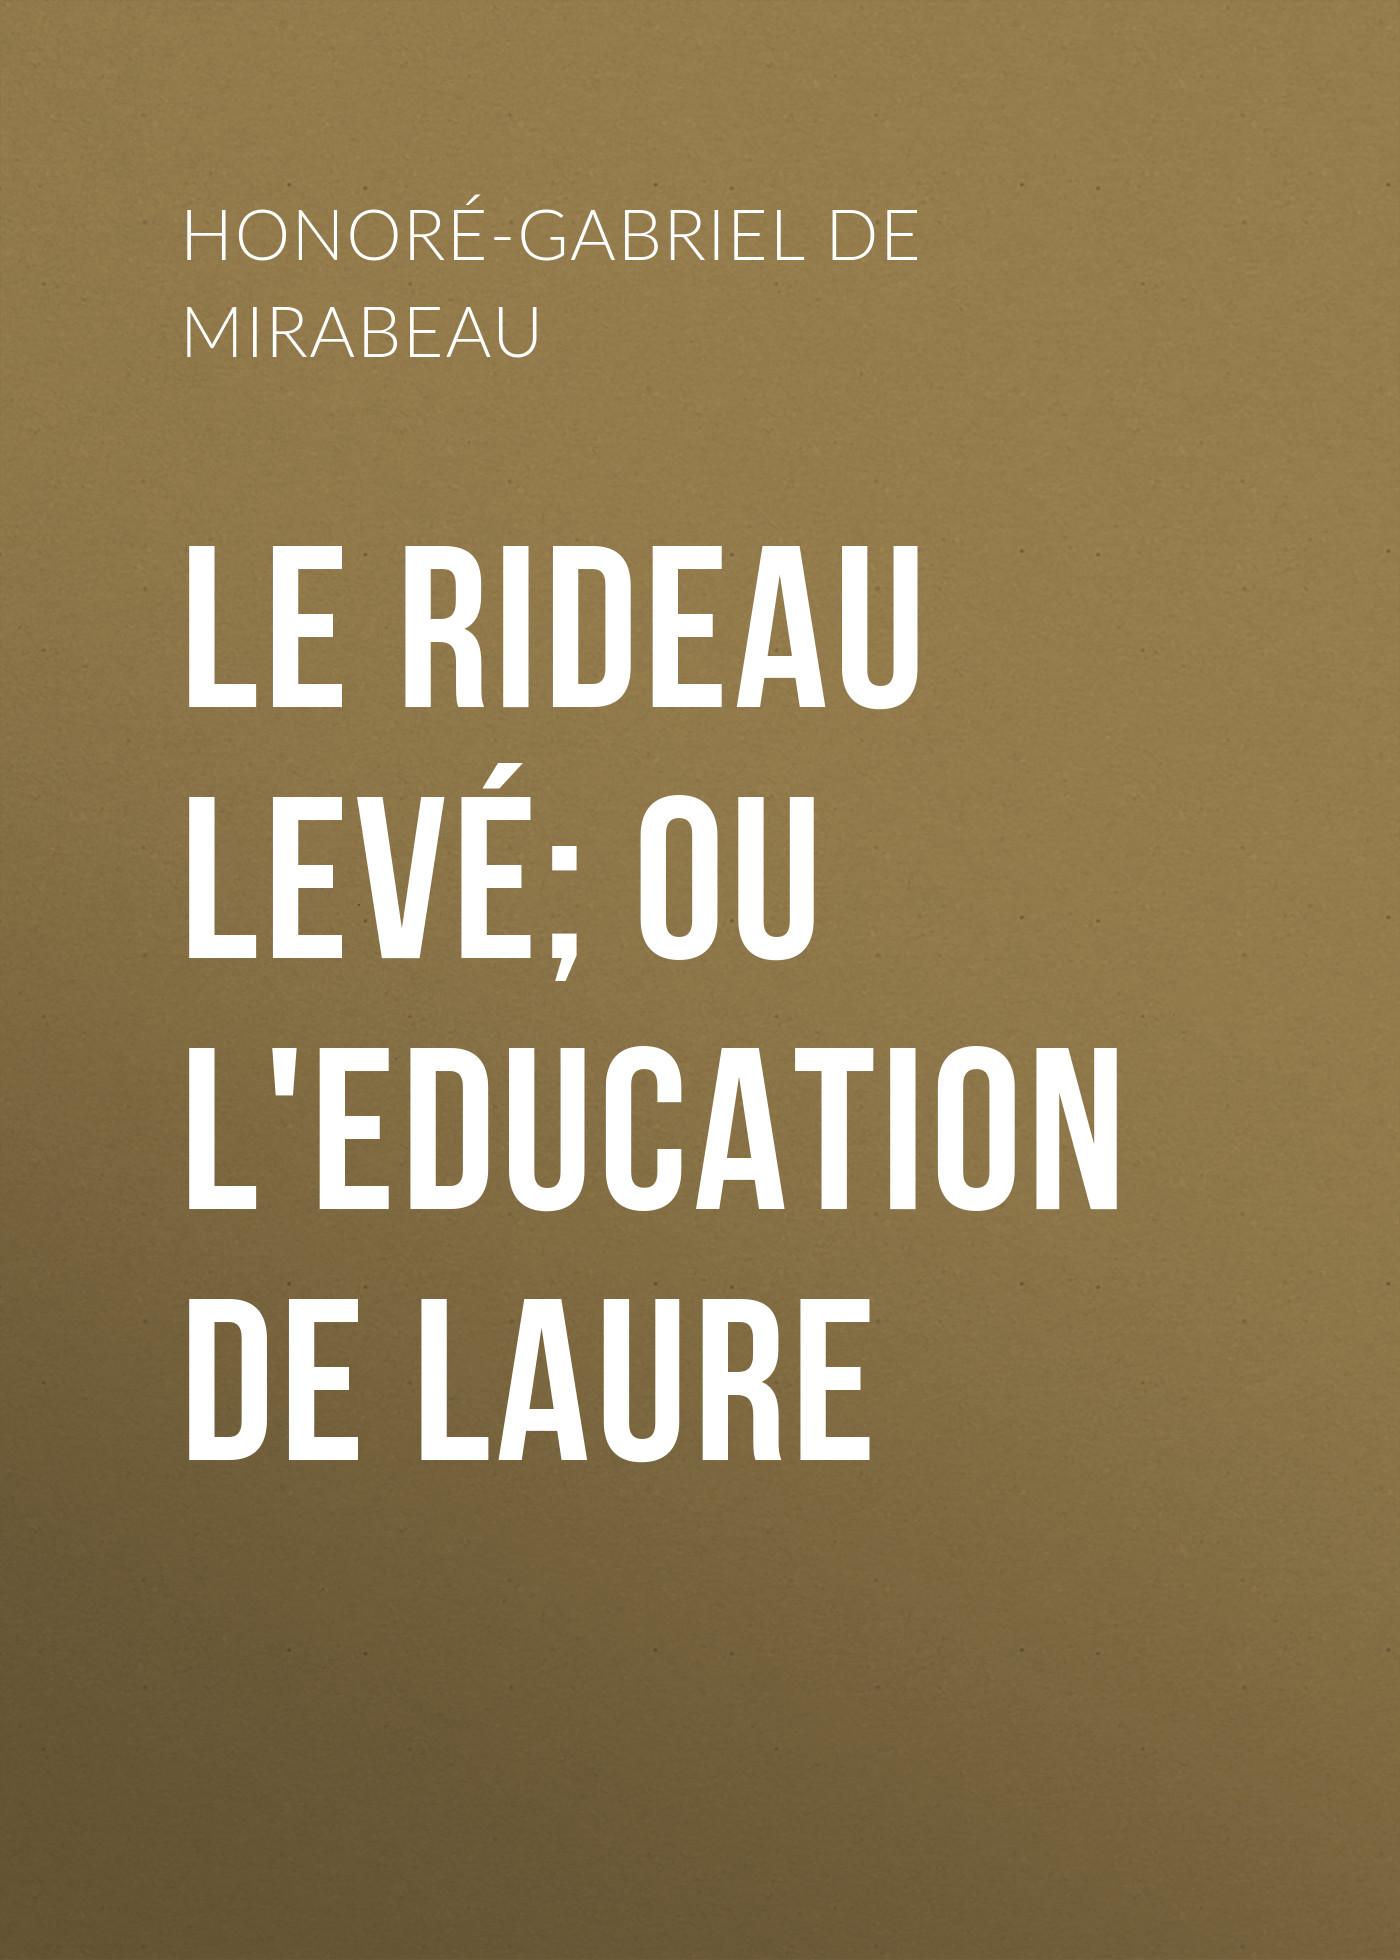 Honoré-Gabriel de Riqueti Mirabeau Le Rideau levé; ou l'Education de Laure laure conan angeline de montbrun par laure conan